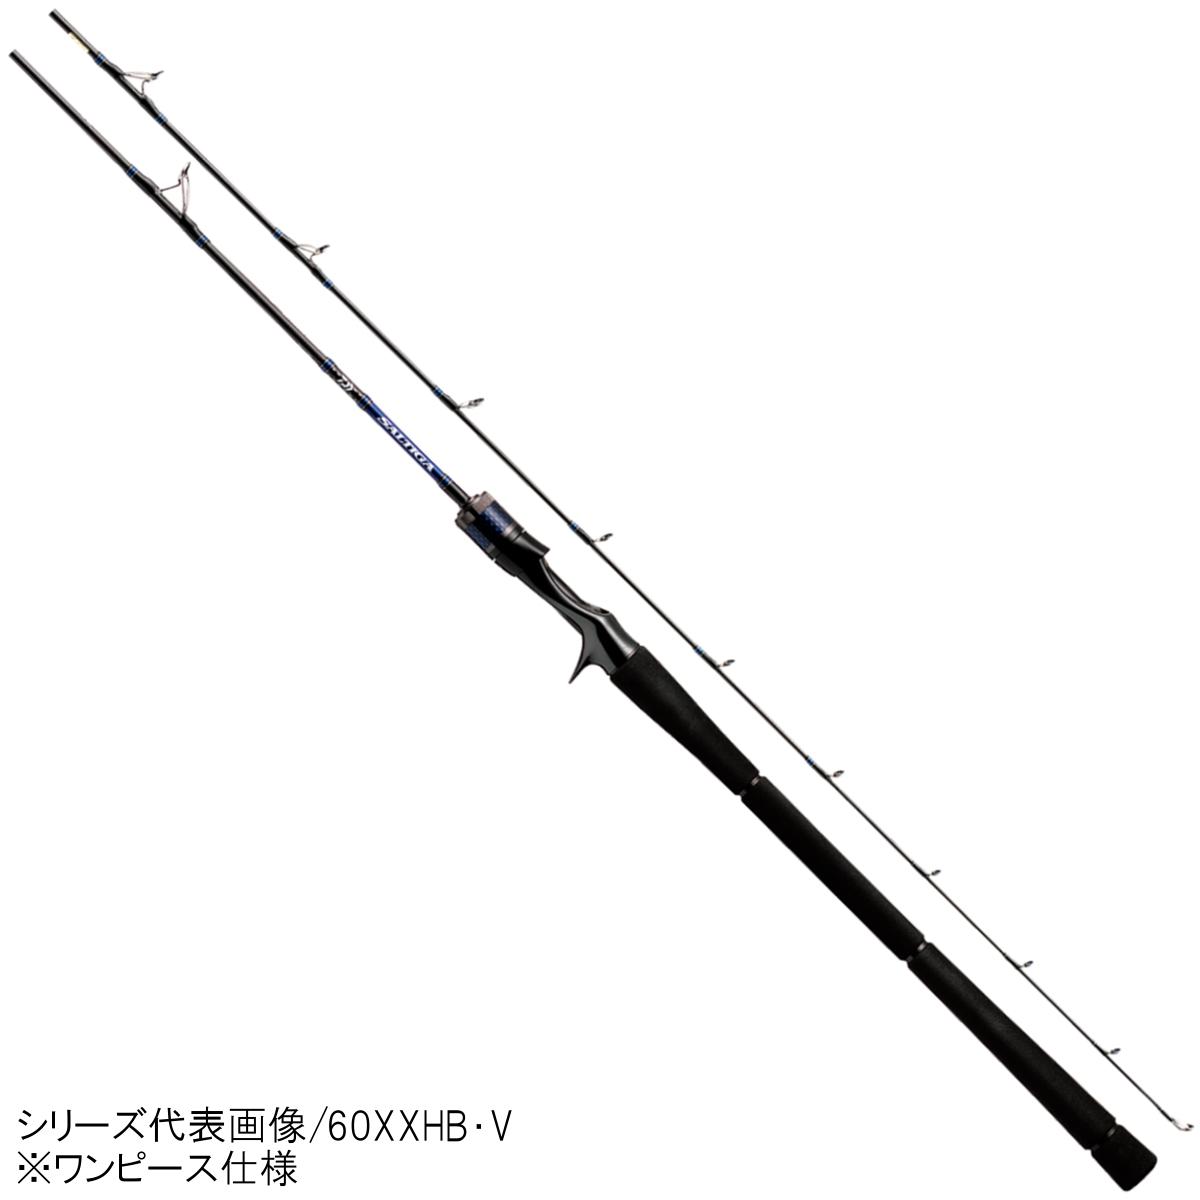 ダイワ ソルティガ BJ ハイレスポンス 60XXXHB・V【大型商品】